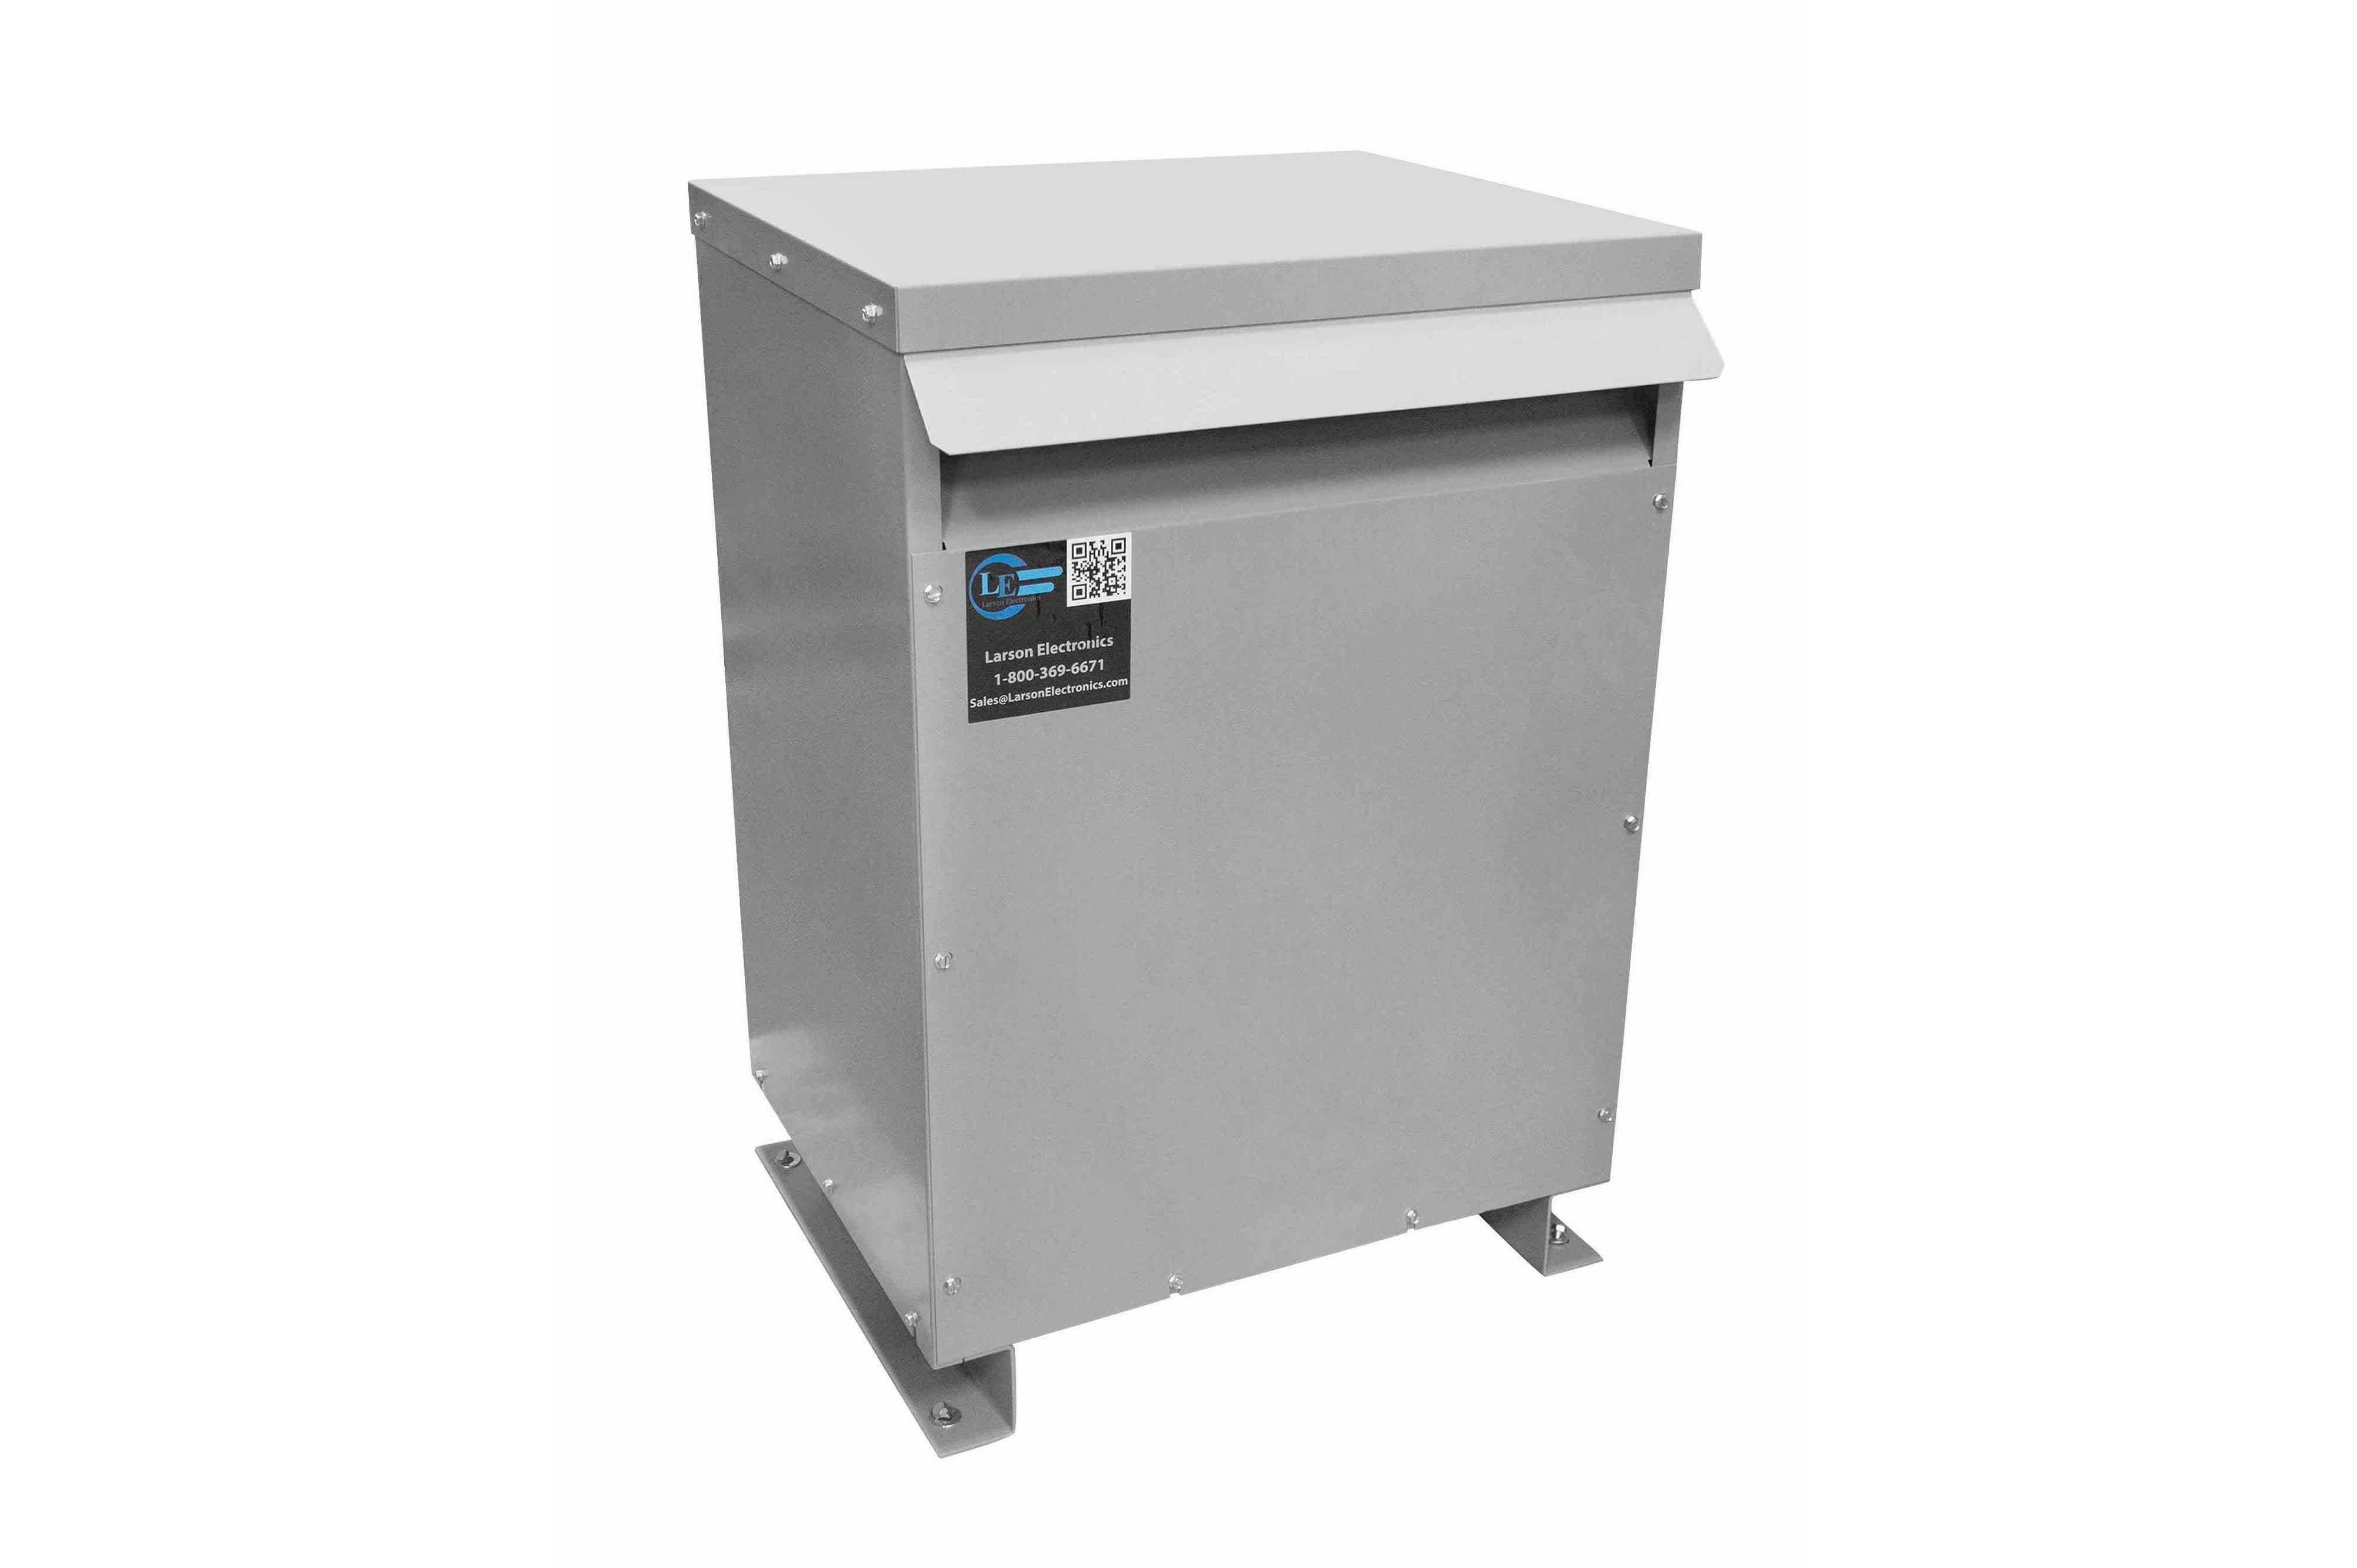 36 kVA 3PH Isolation Transformer, 600V Delta Primary, 400V Delta Secondary, N3R, Ventilated, 60 Hz